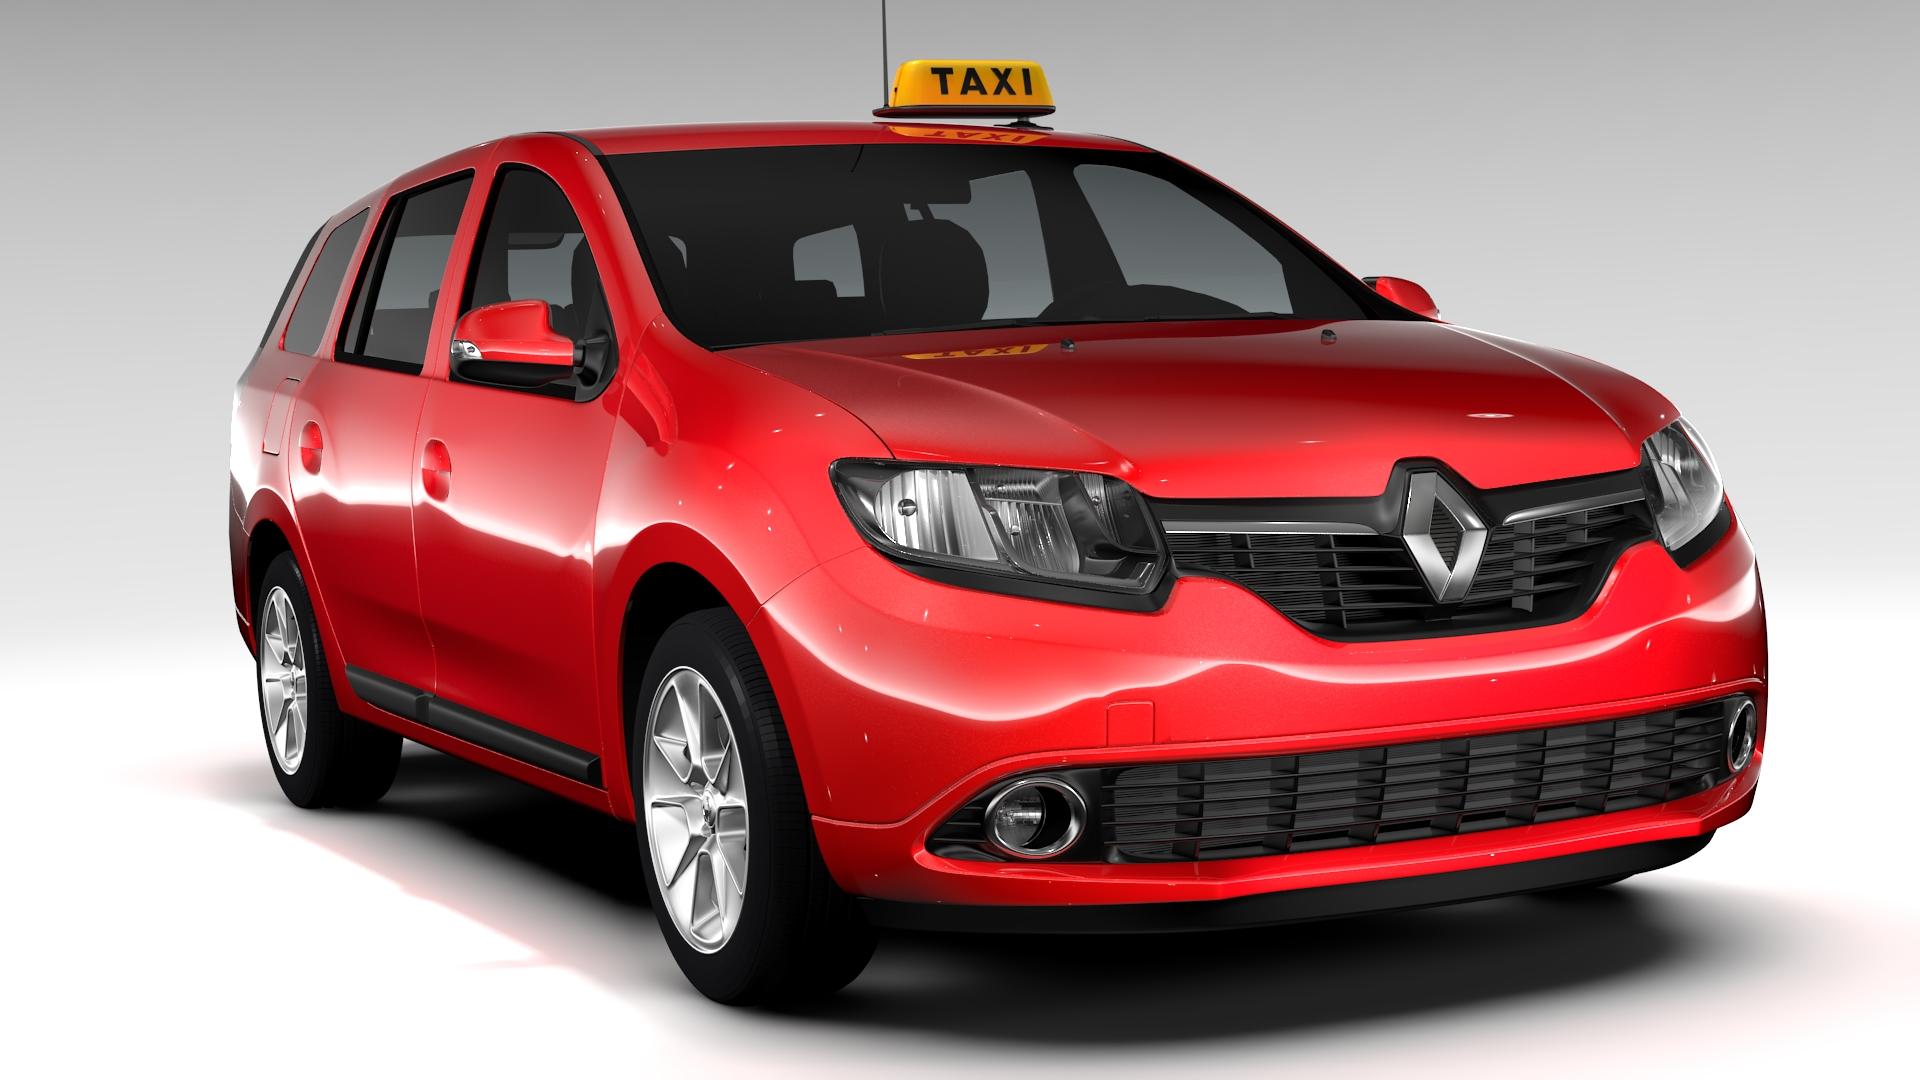 renault logan mcv taksi 2016 3d model 3ds max fbx c4d lwo ma mb hrc xsi obj 221278